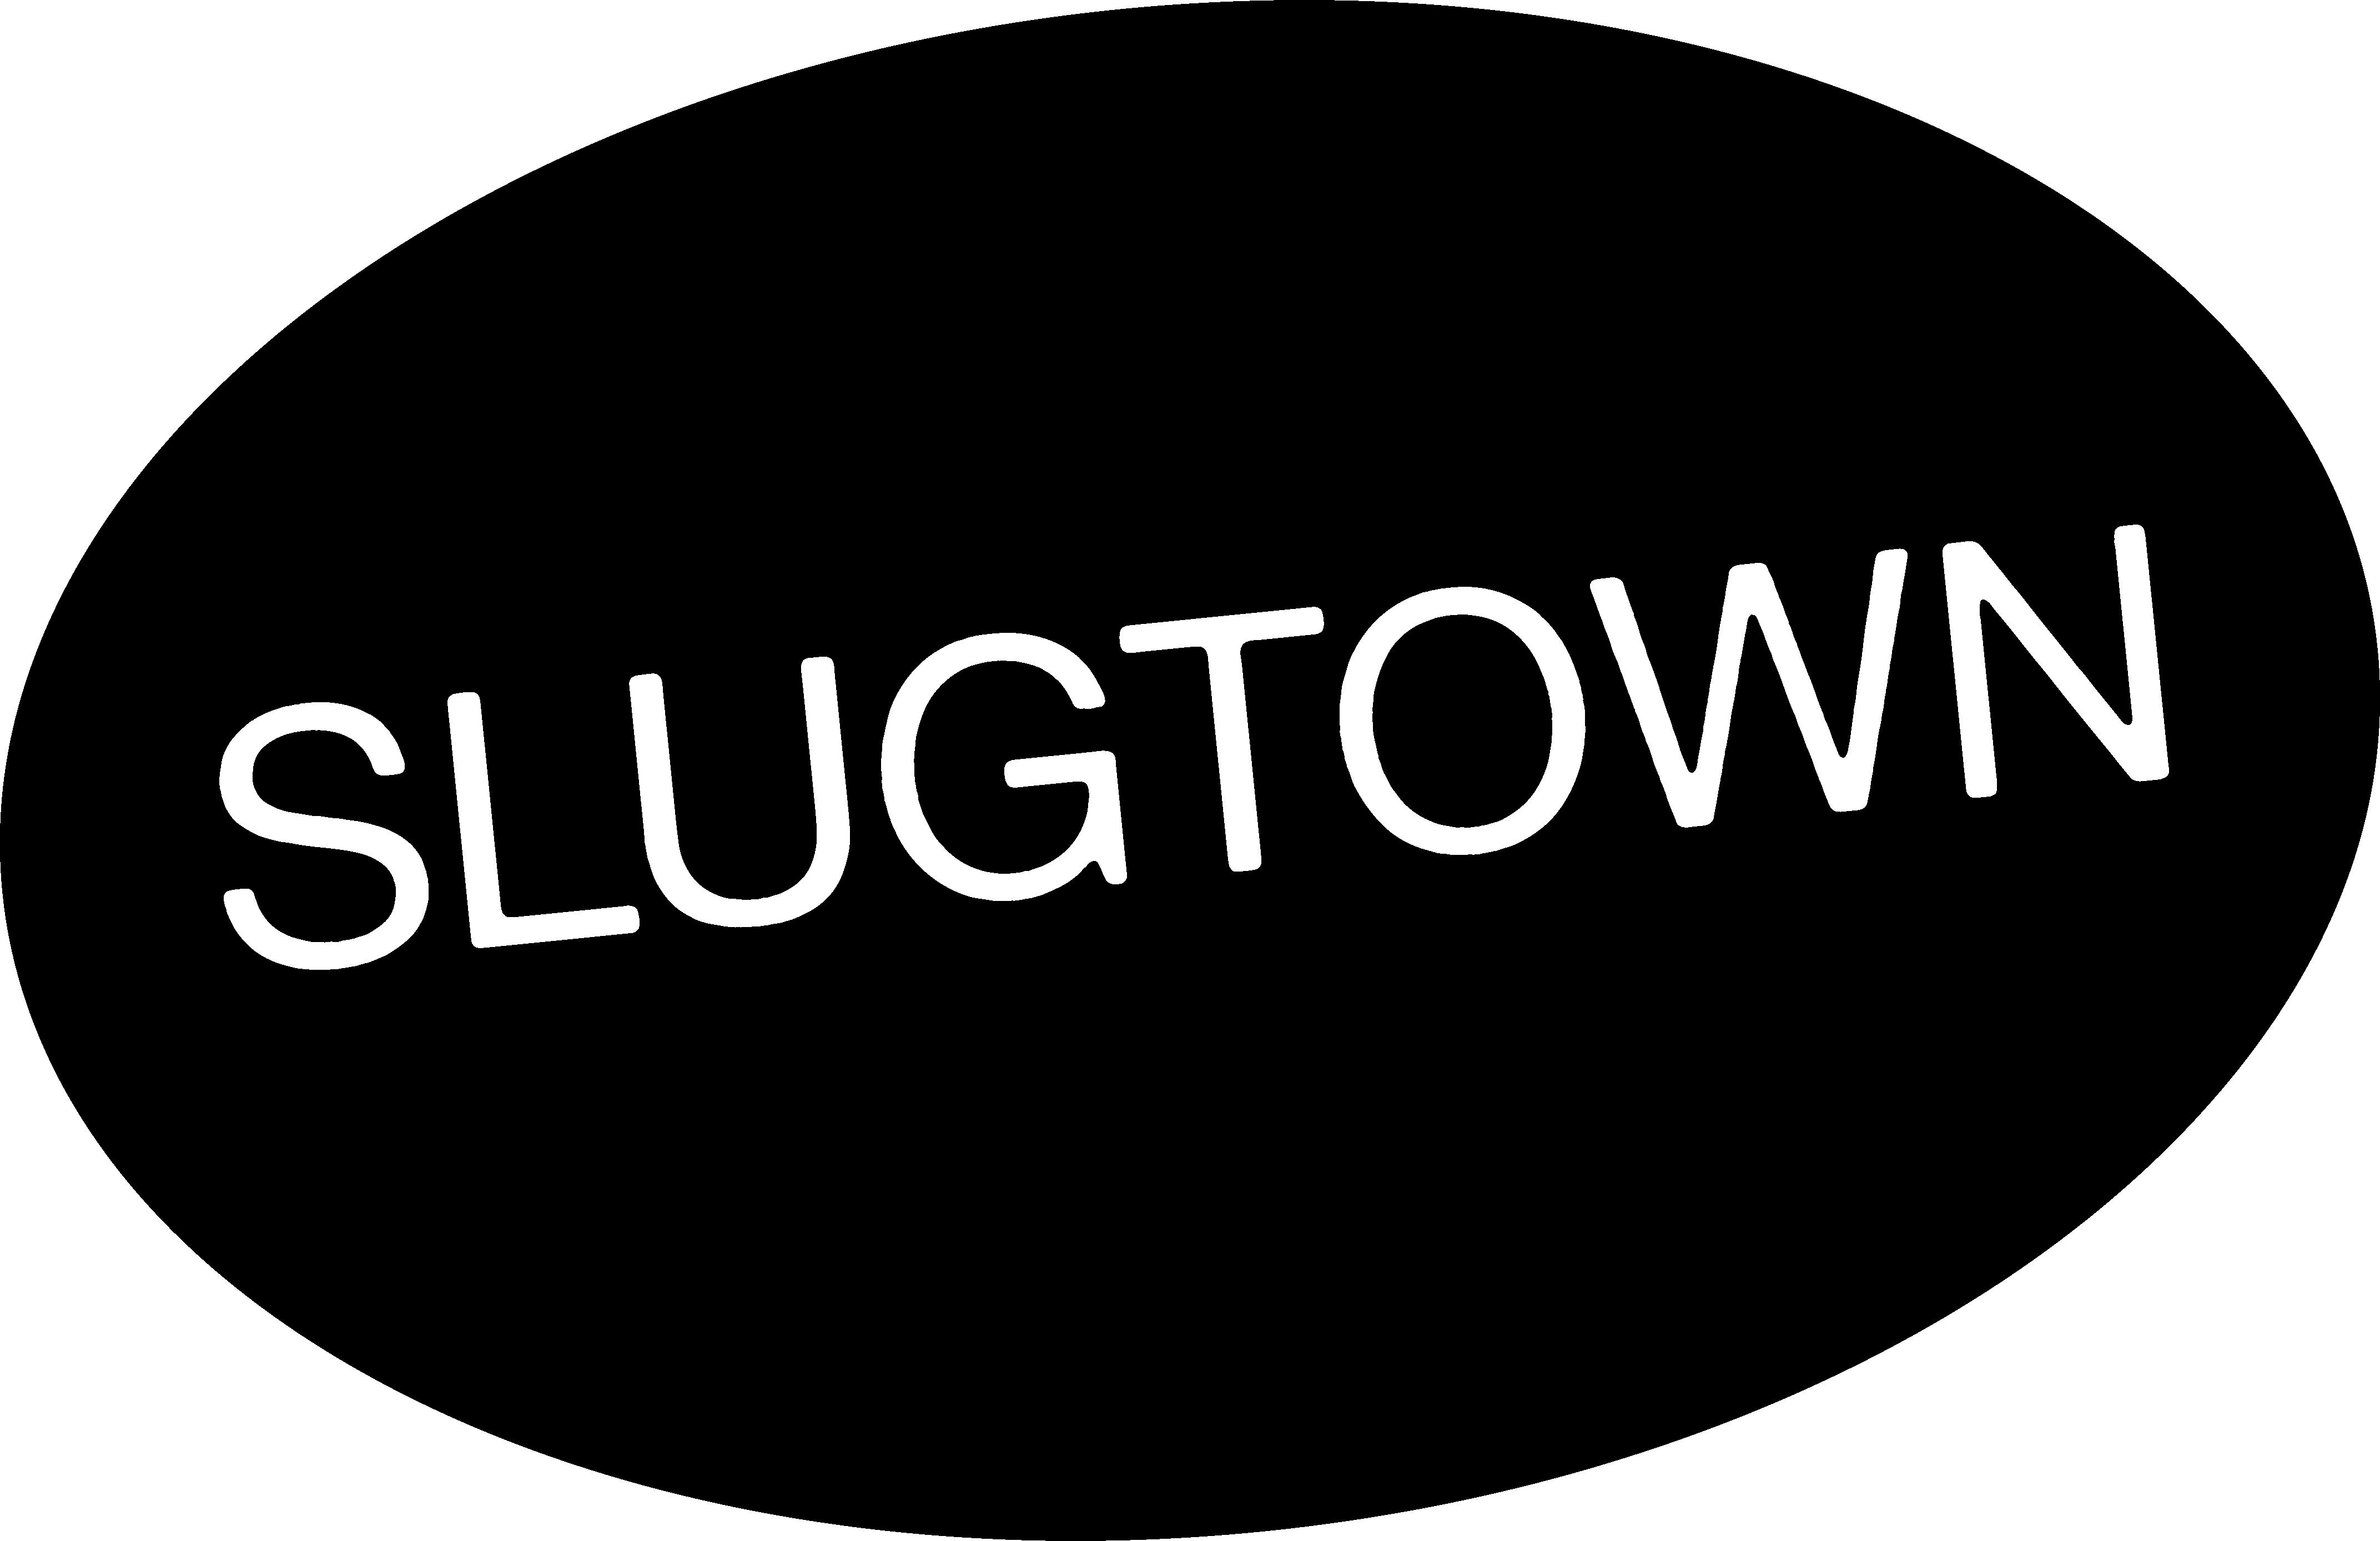 Slugtown logo